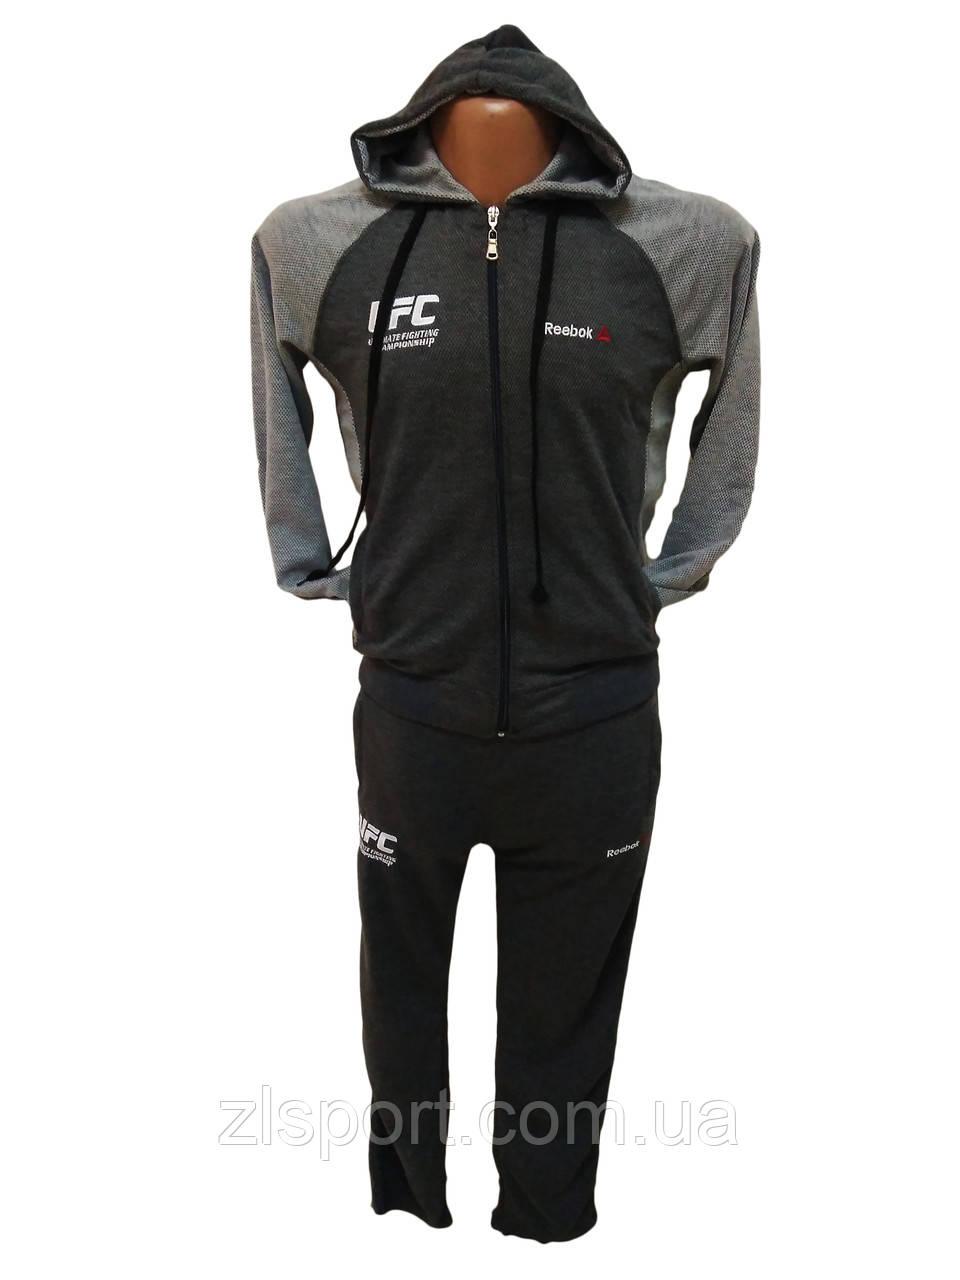 b083b459 Подростковый спортивный костюм Reebok UFC (Турция) - Интернет магазин спортивной  одежды